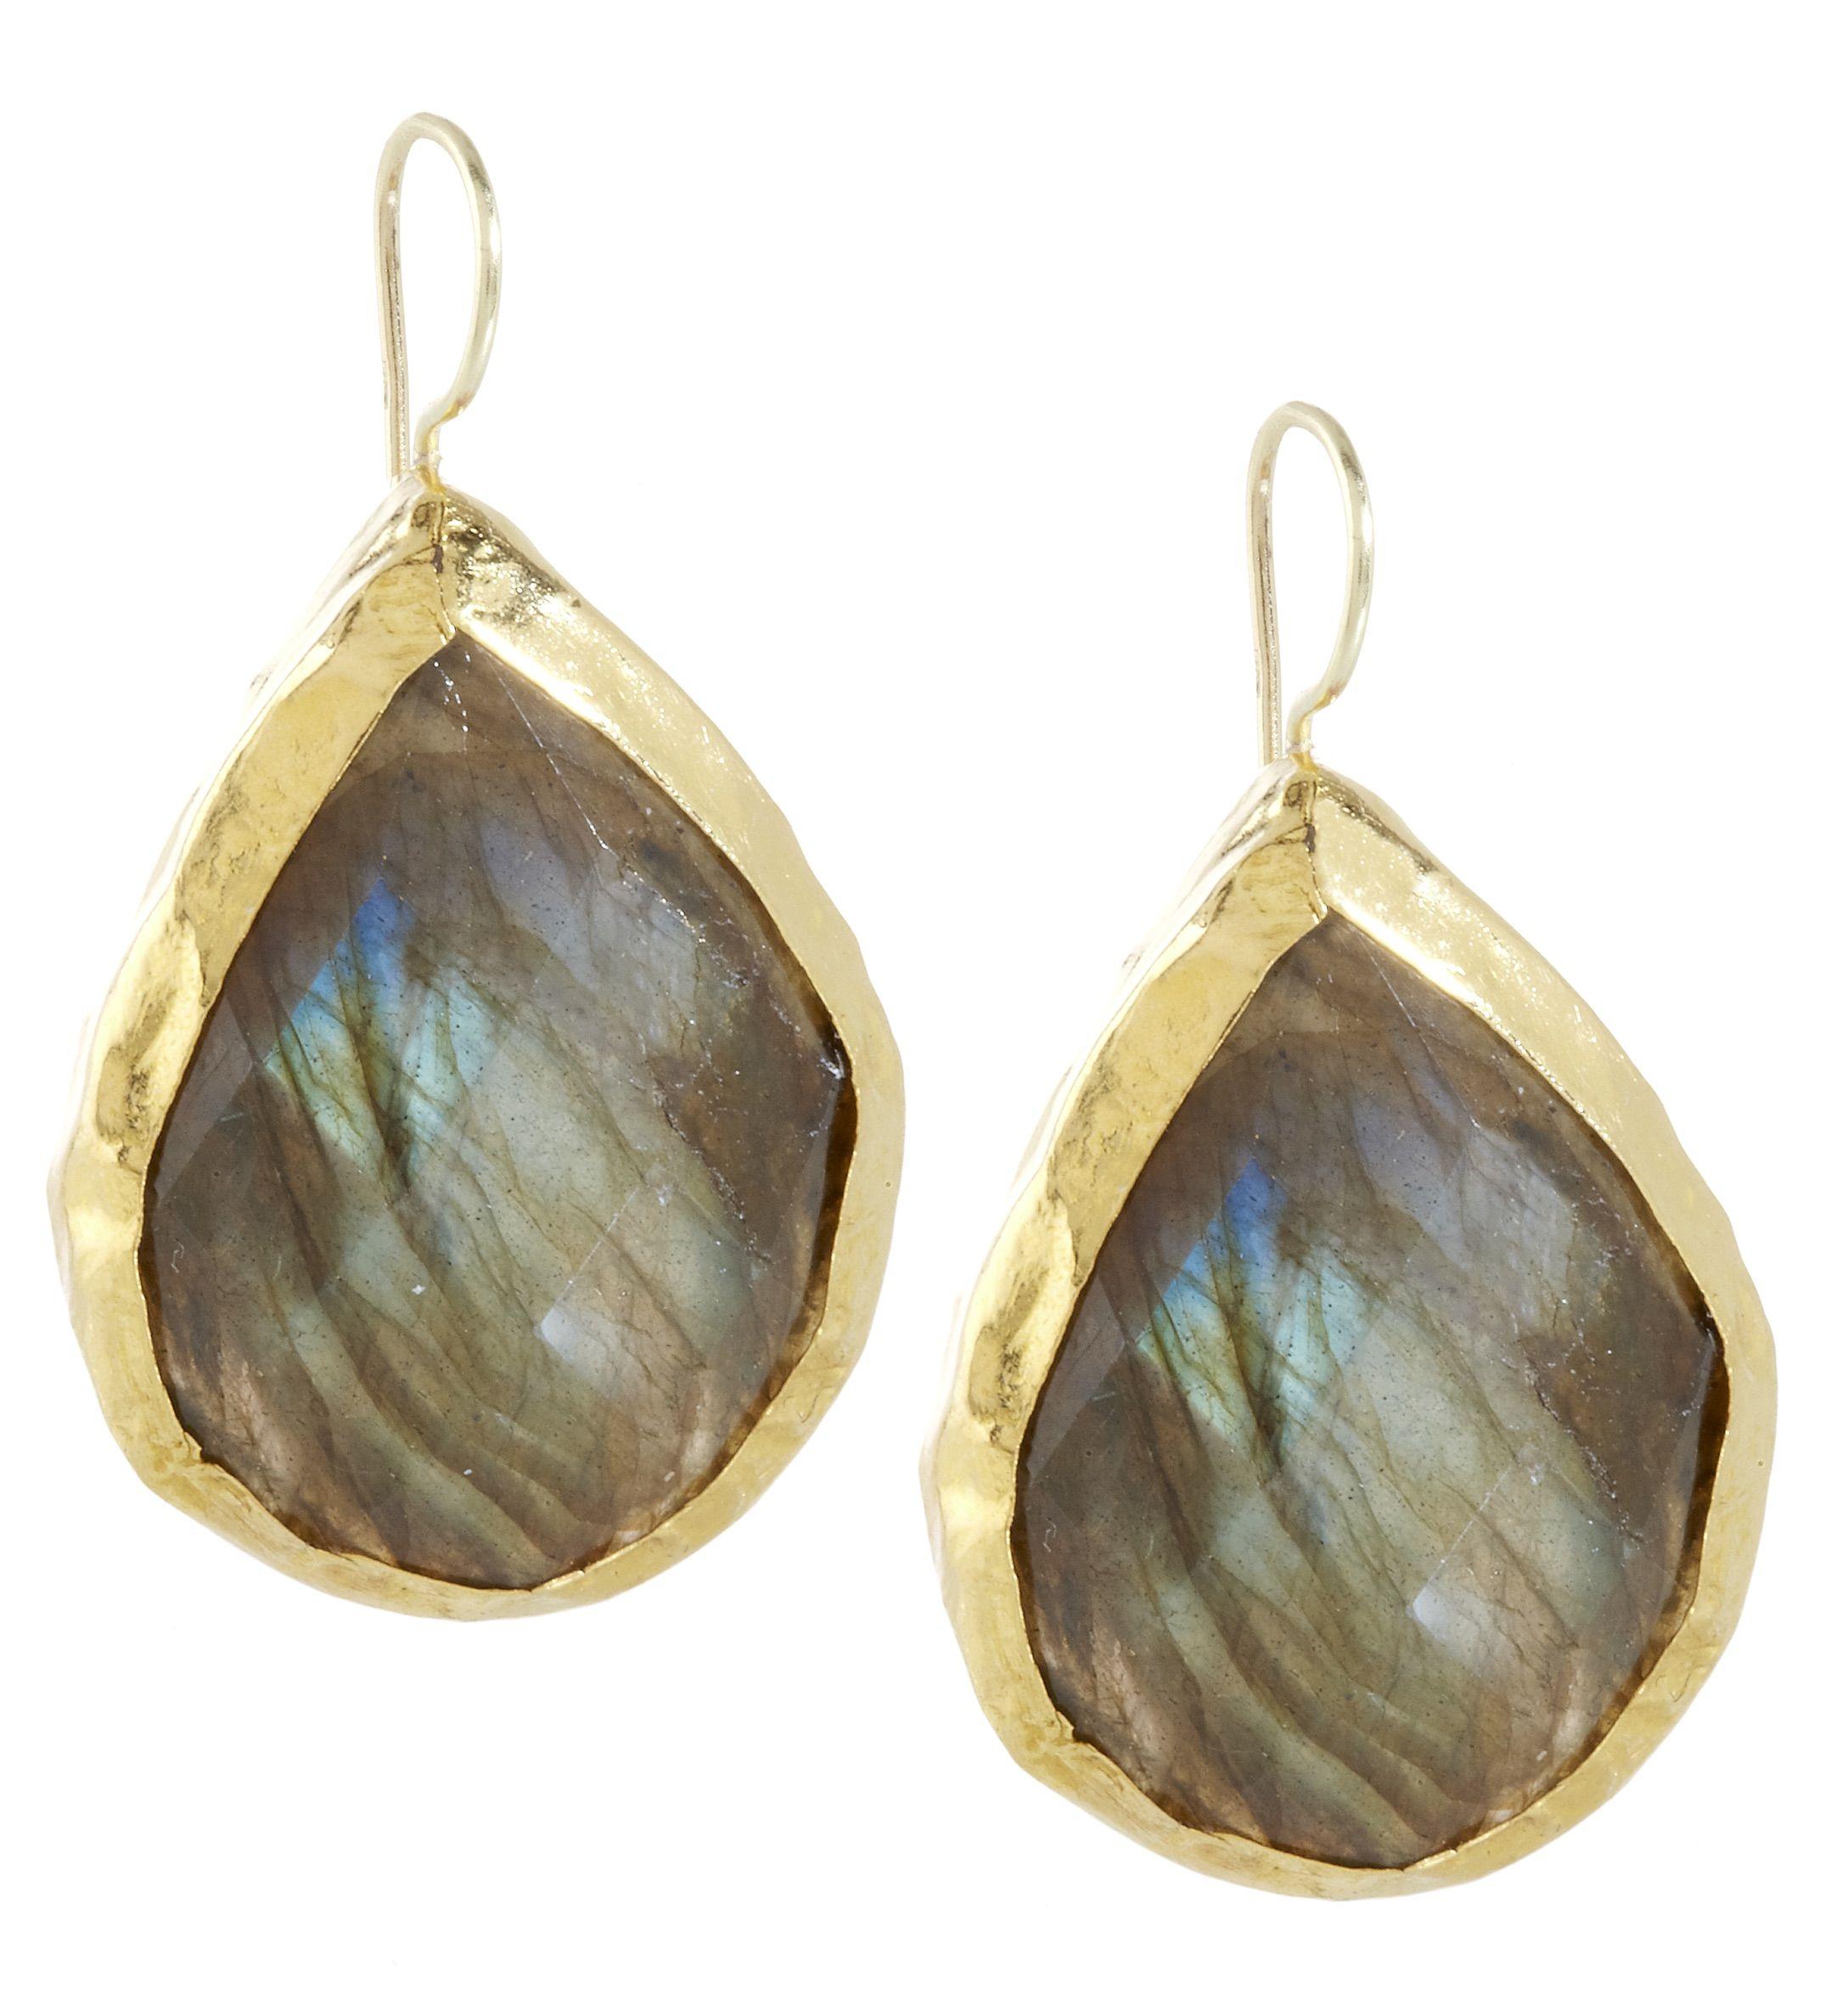 24k gold #labradorite drop earrings